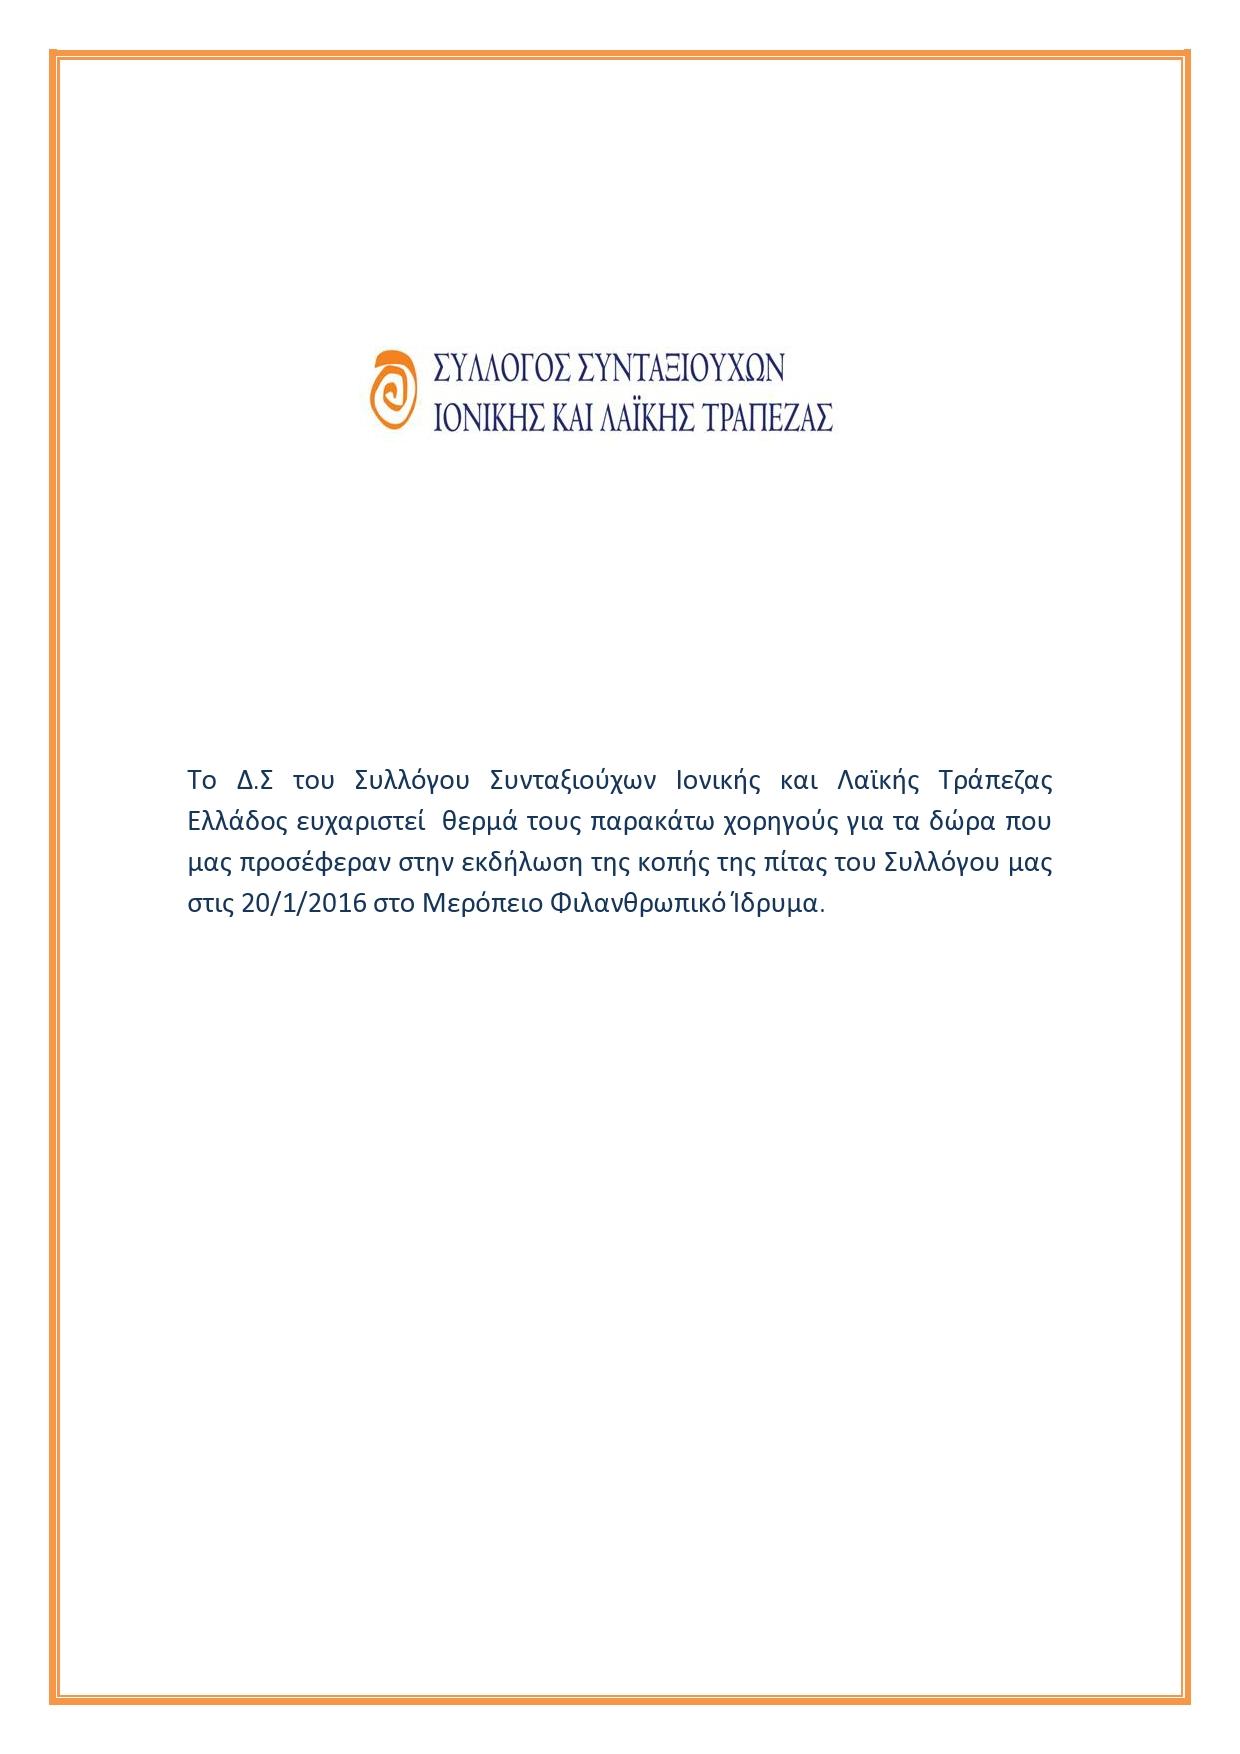 Πληροφοριες καταλυματων-page0001